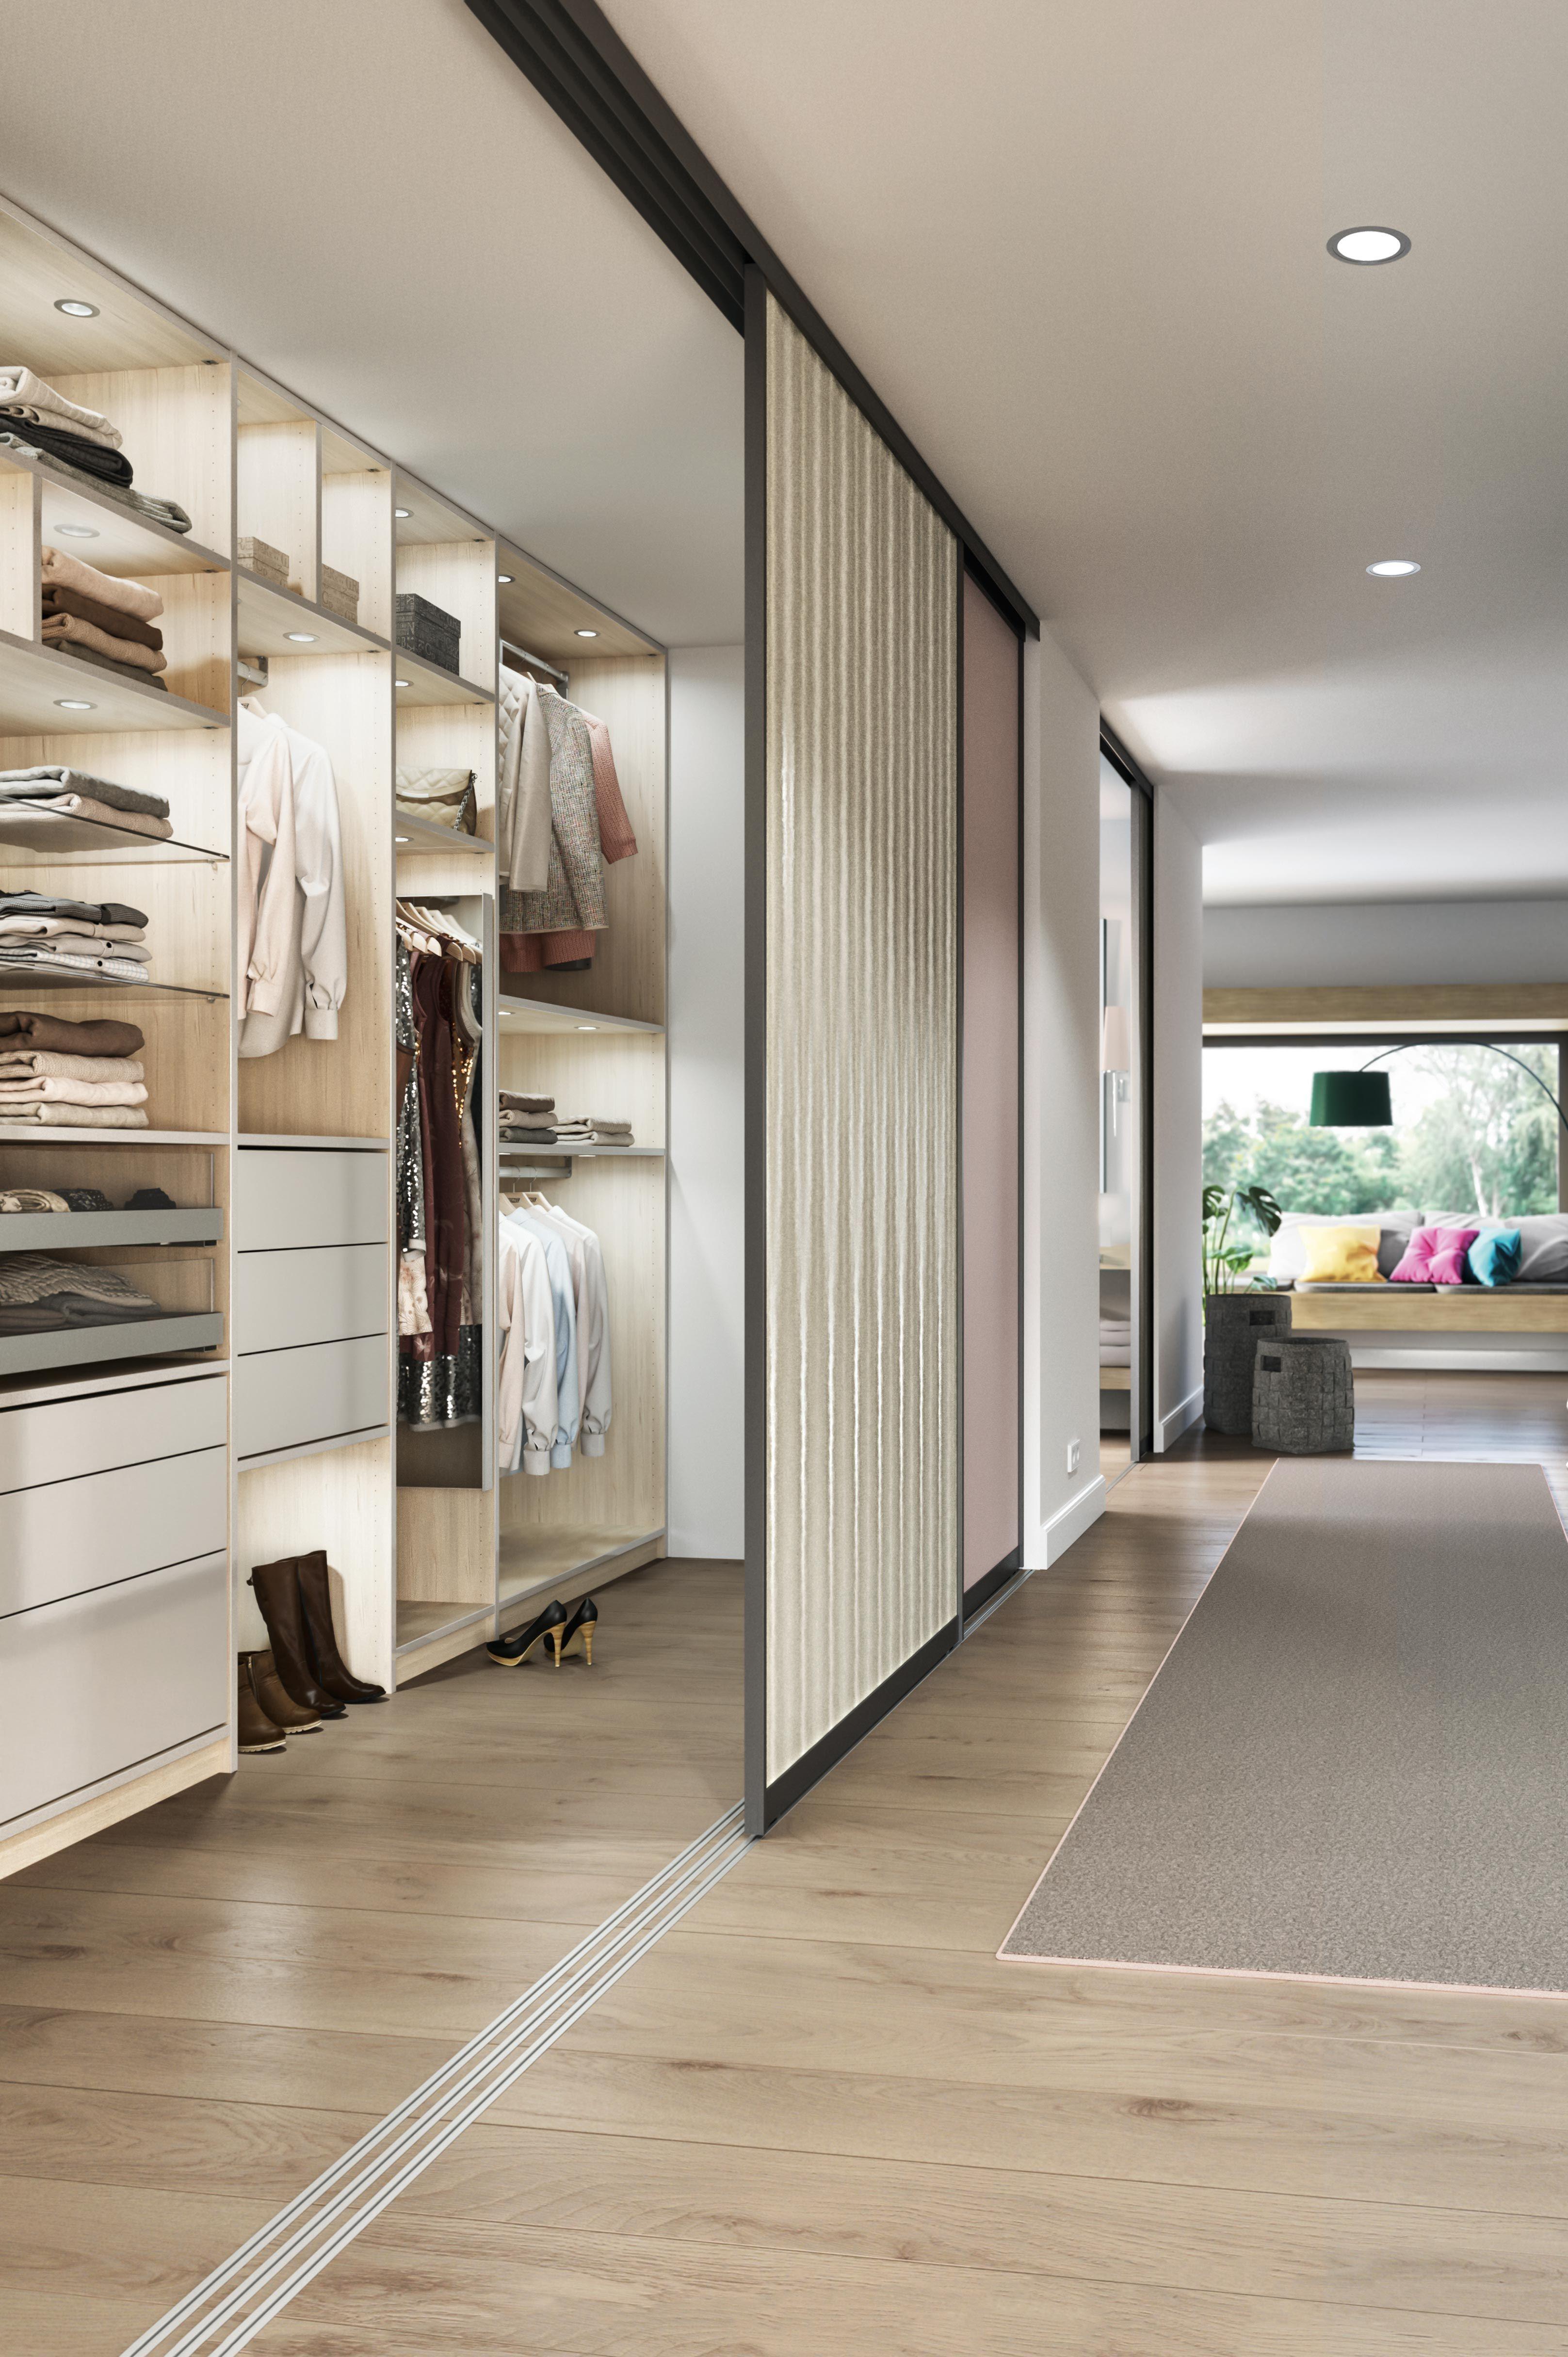 begehbare ankleide mit schiebet ren zum verschlie en von cabinet tolle einrichtungsideen. Black Bedroom Furniture Sets. Home Design Ideas